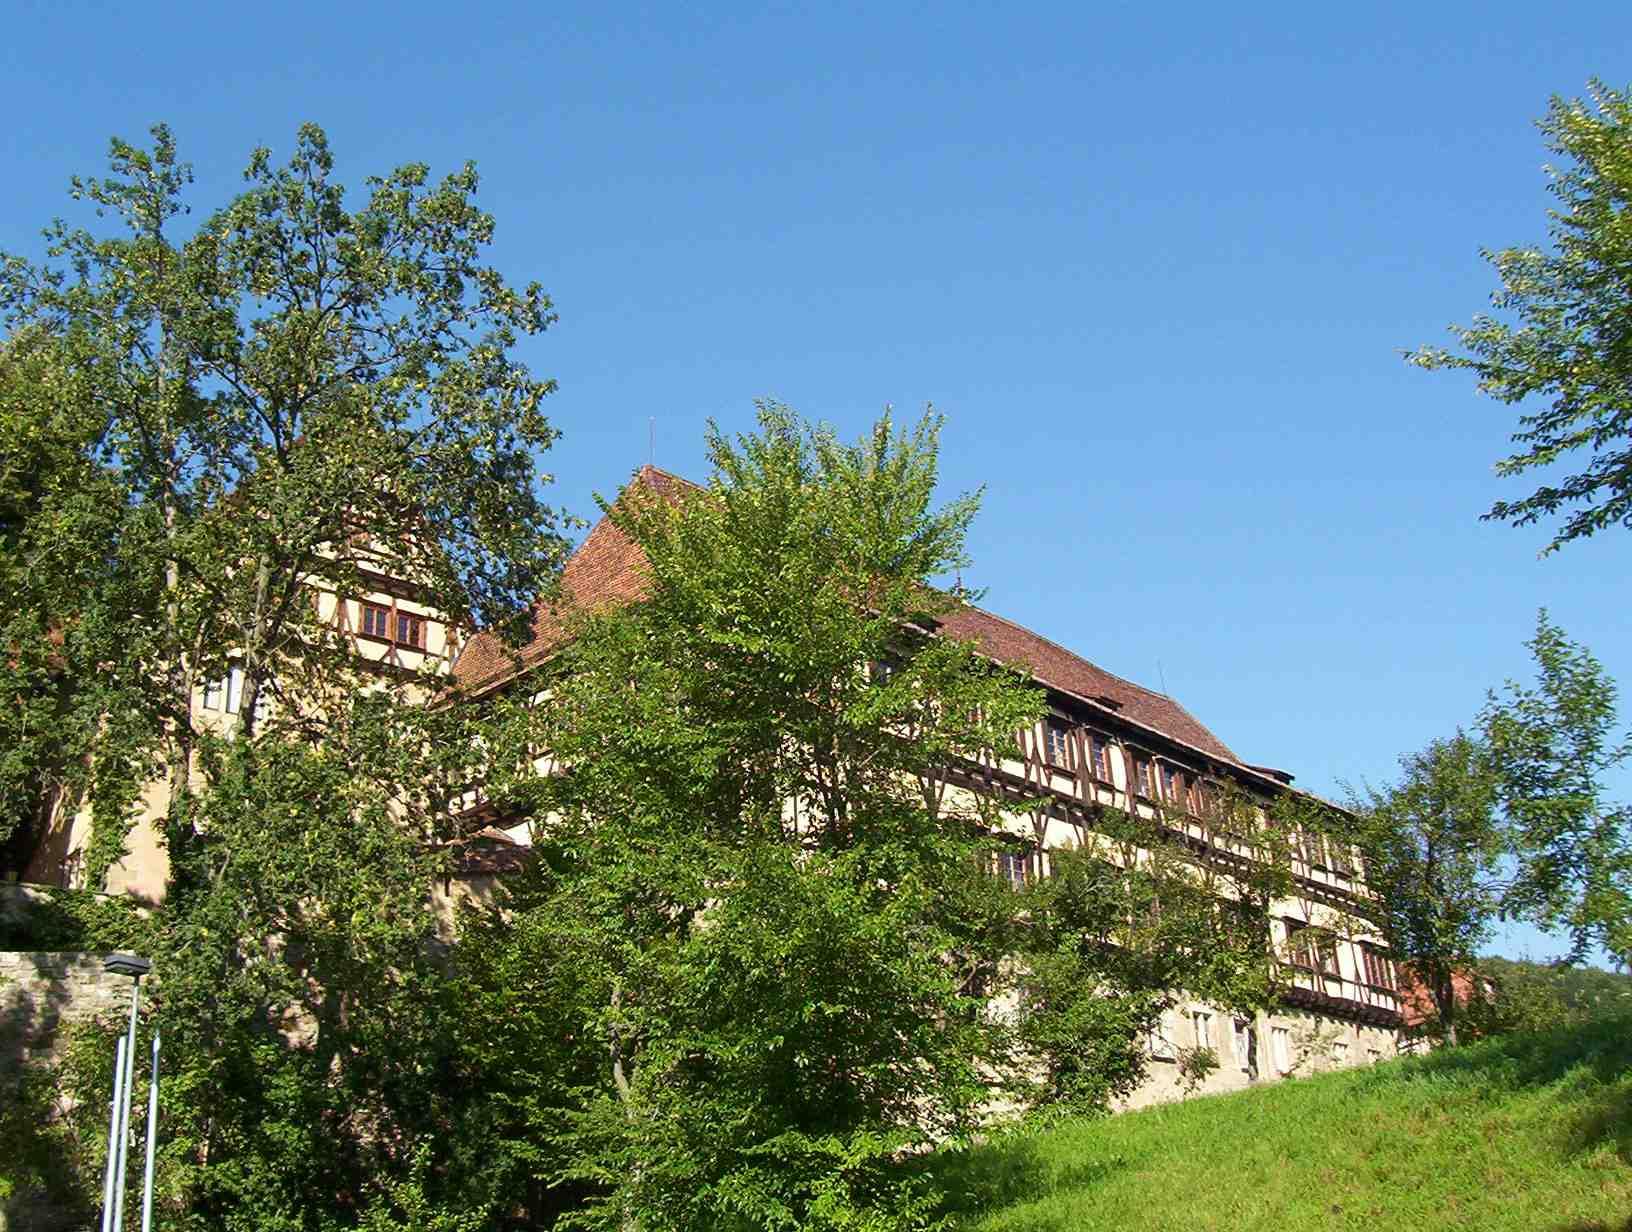 http://de.academic.ru/pictures/dewiki/75/Kloster_Bebenhausen_Aussen.jpg